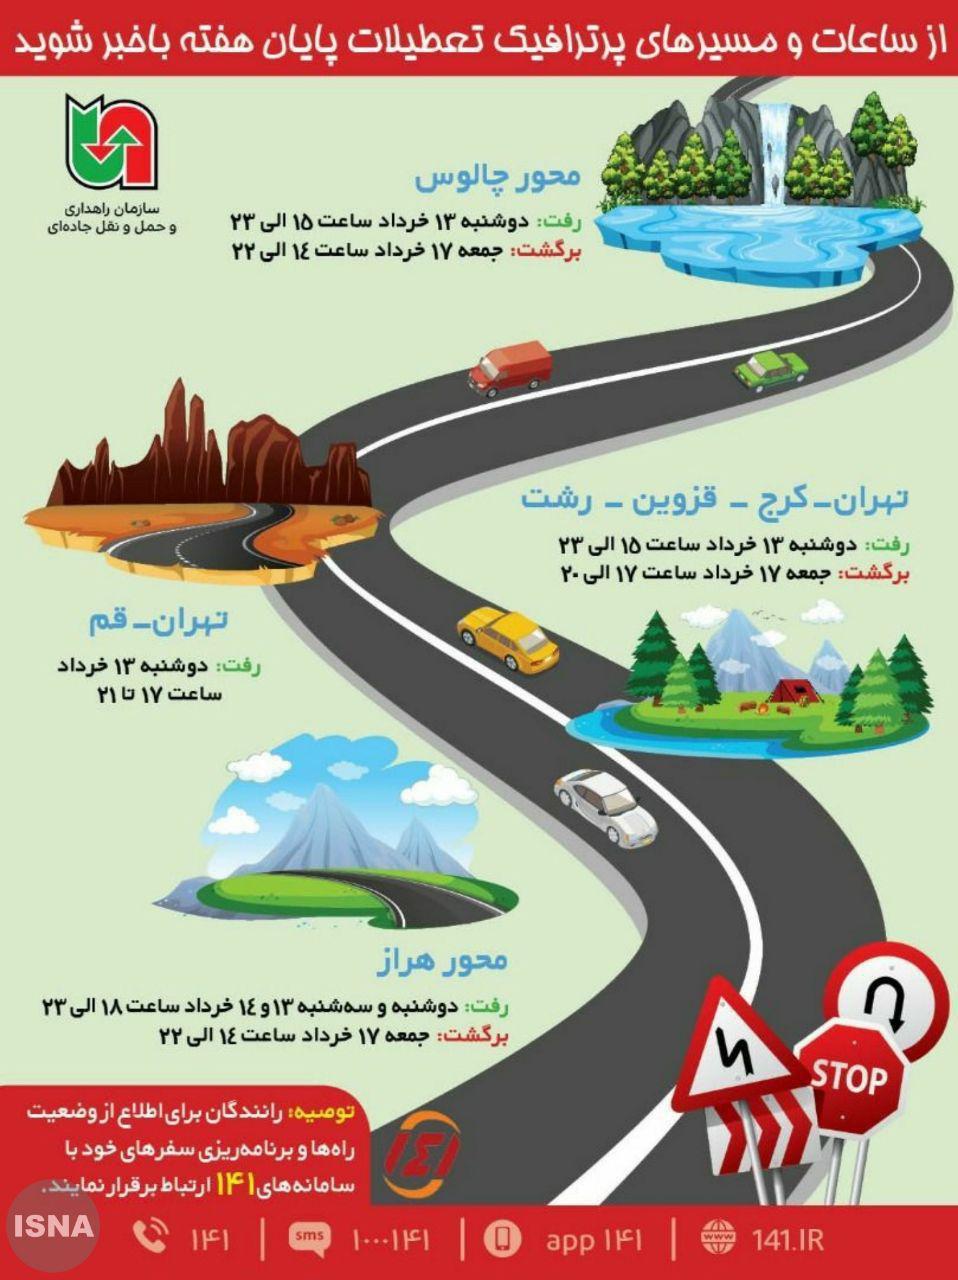 پیش بینی وضع هوا و جاده های کشور در تعطیلات